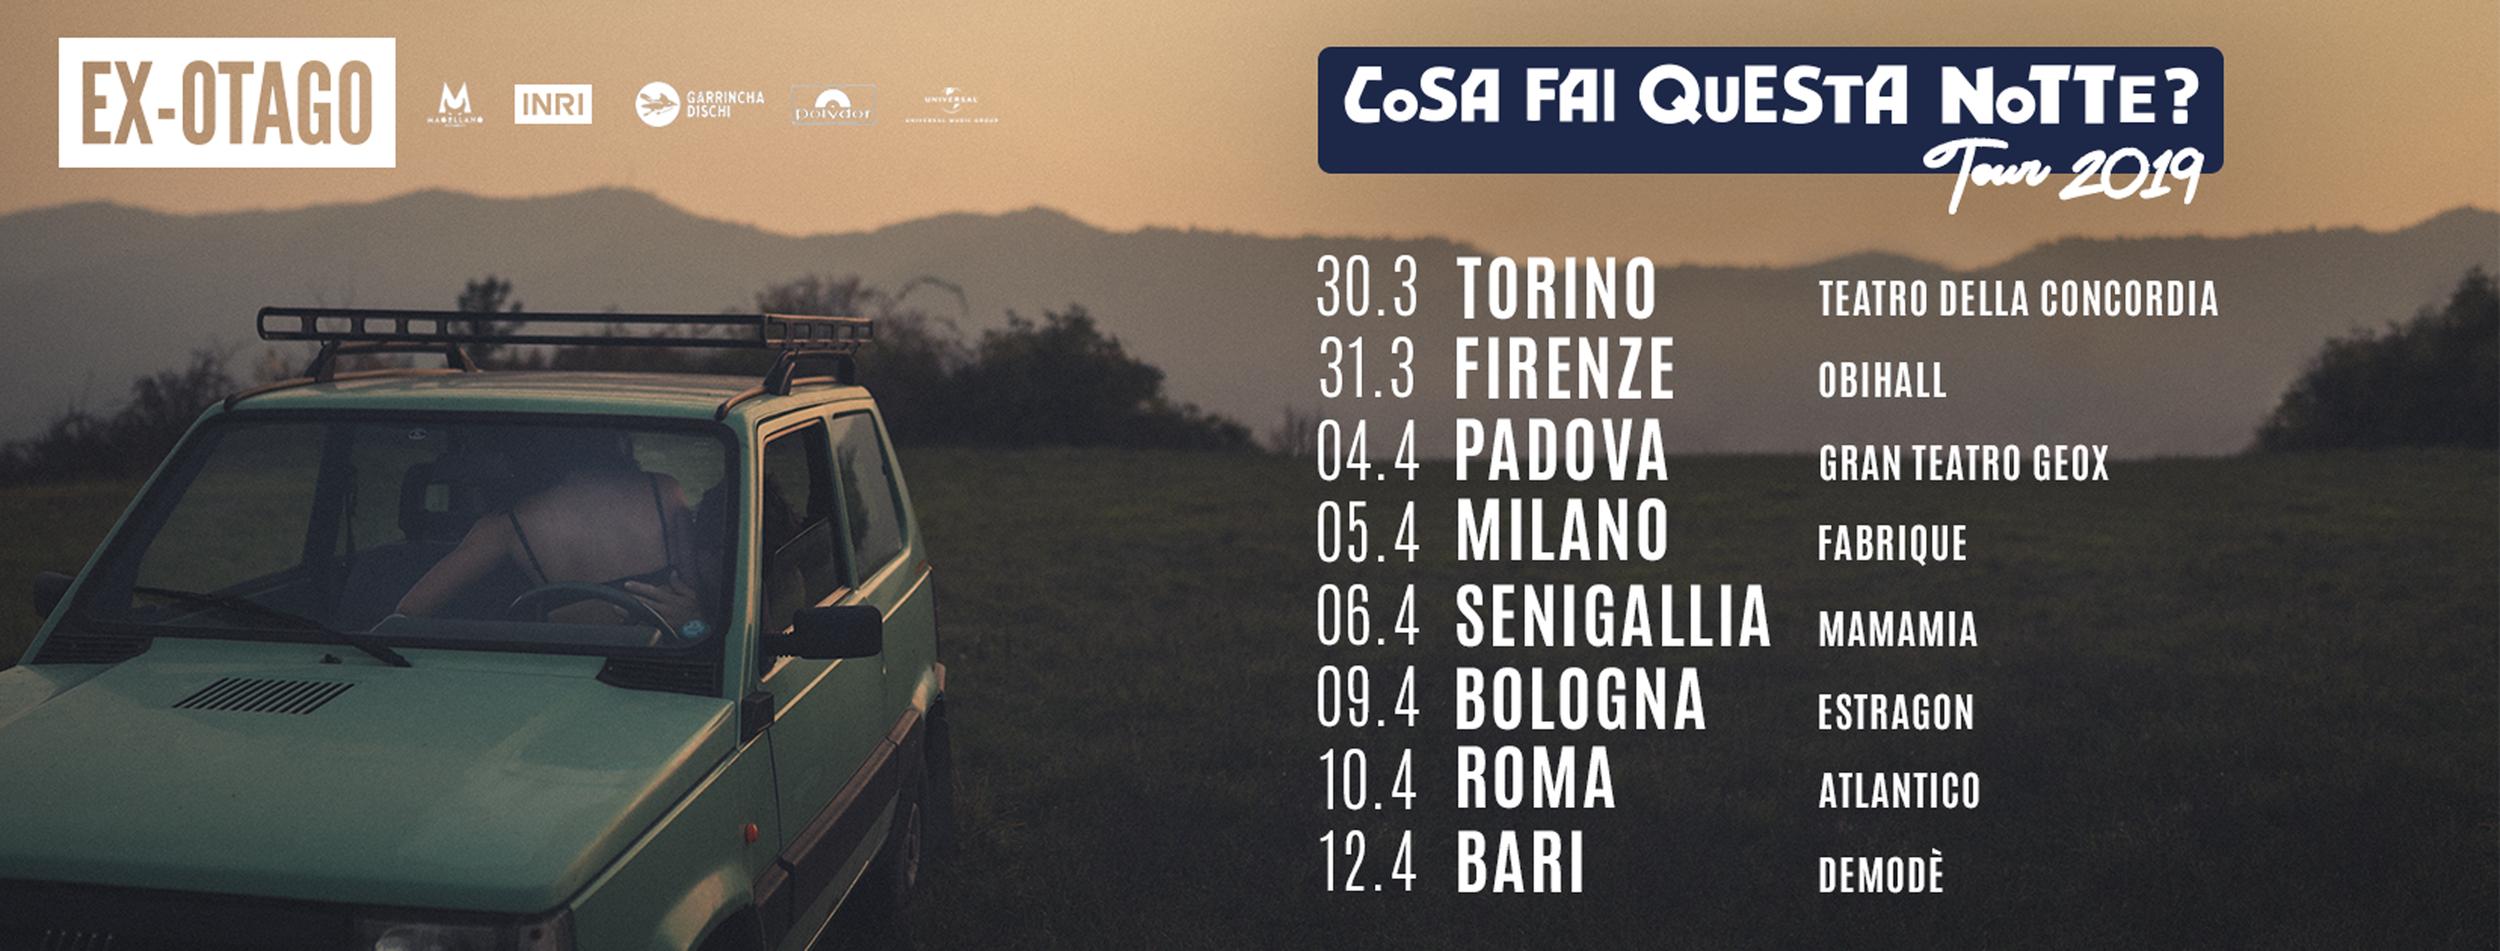 COSA-FAI-QUESTA-NOTTE-TOUR-2019.png